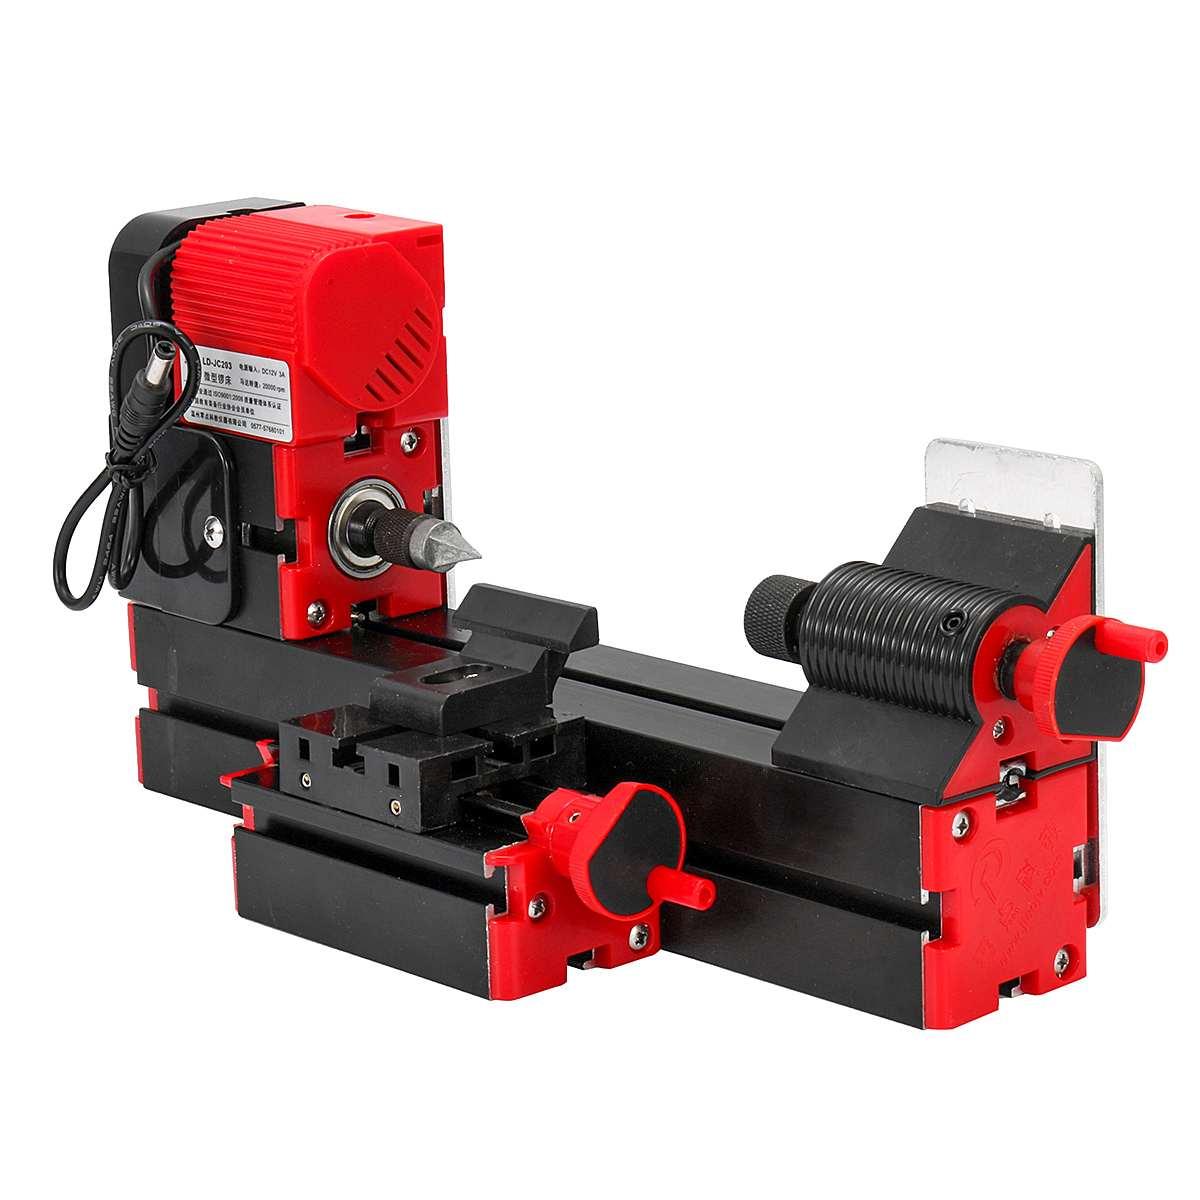 Mini torno de Metal DIY herramientas eléctricas 20000 rpm procesamiento motorizado torno de Metal de velocidad Variable torno de Metal herramientas de carpintería